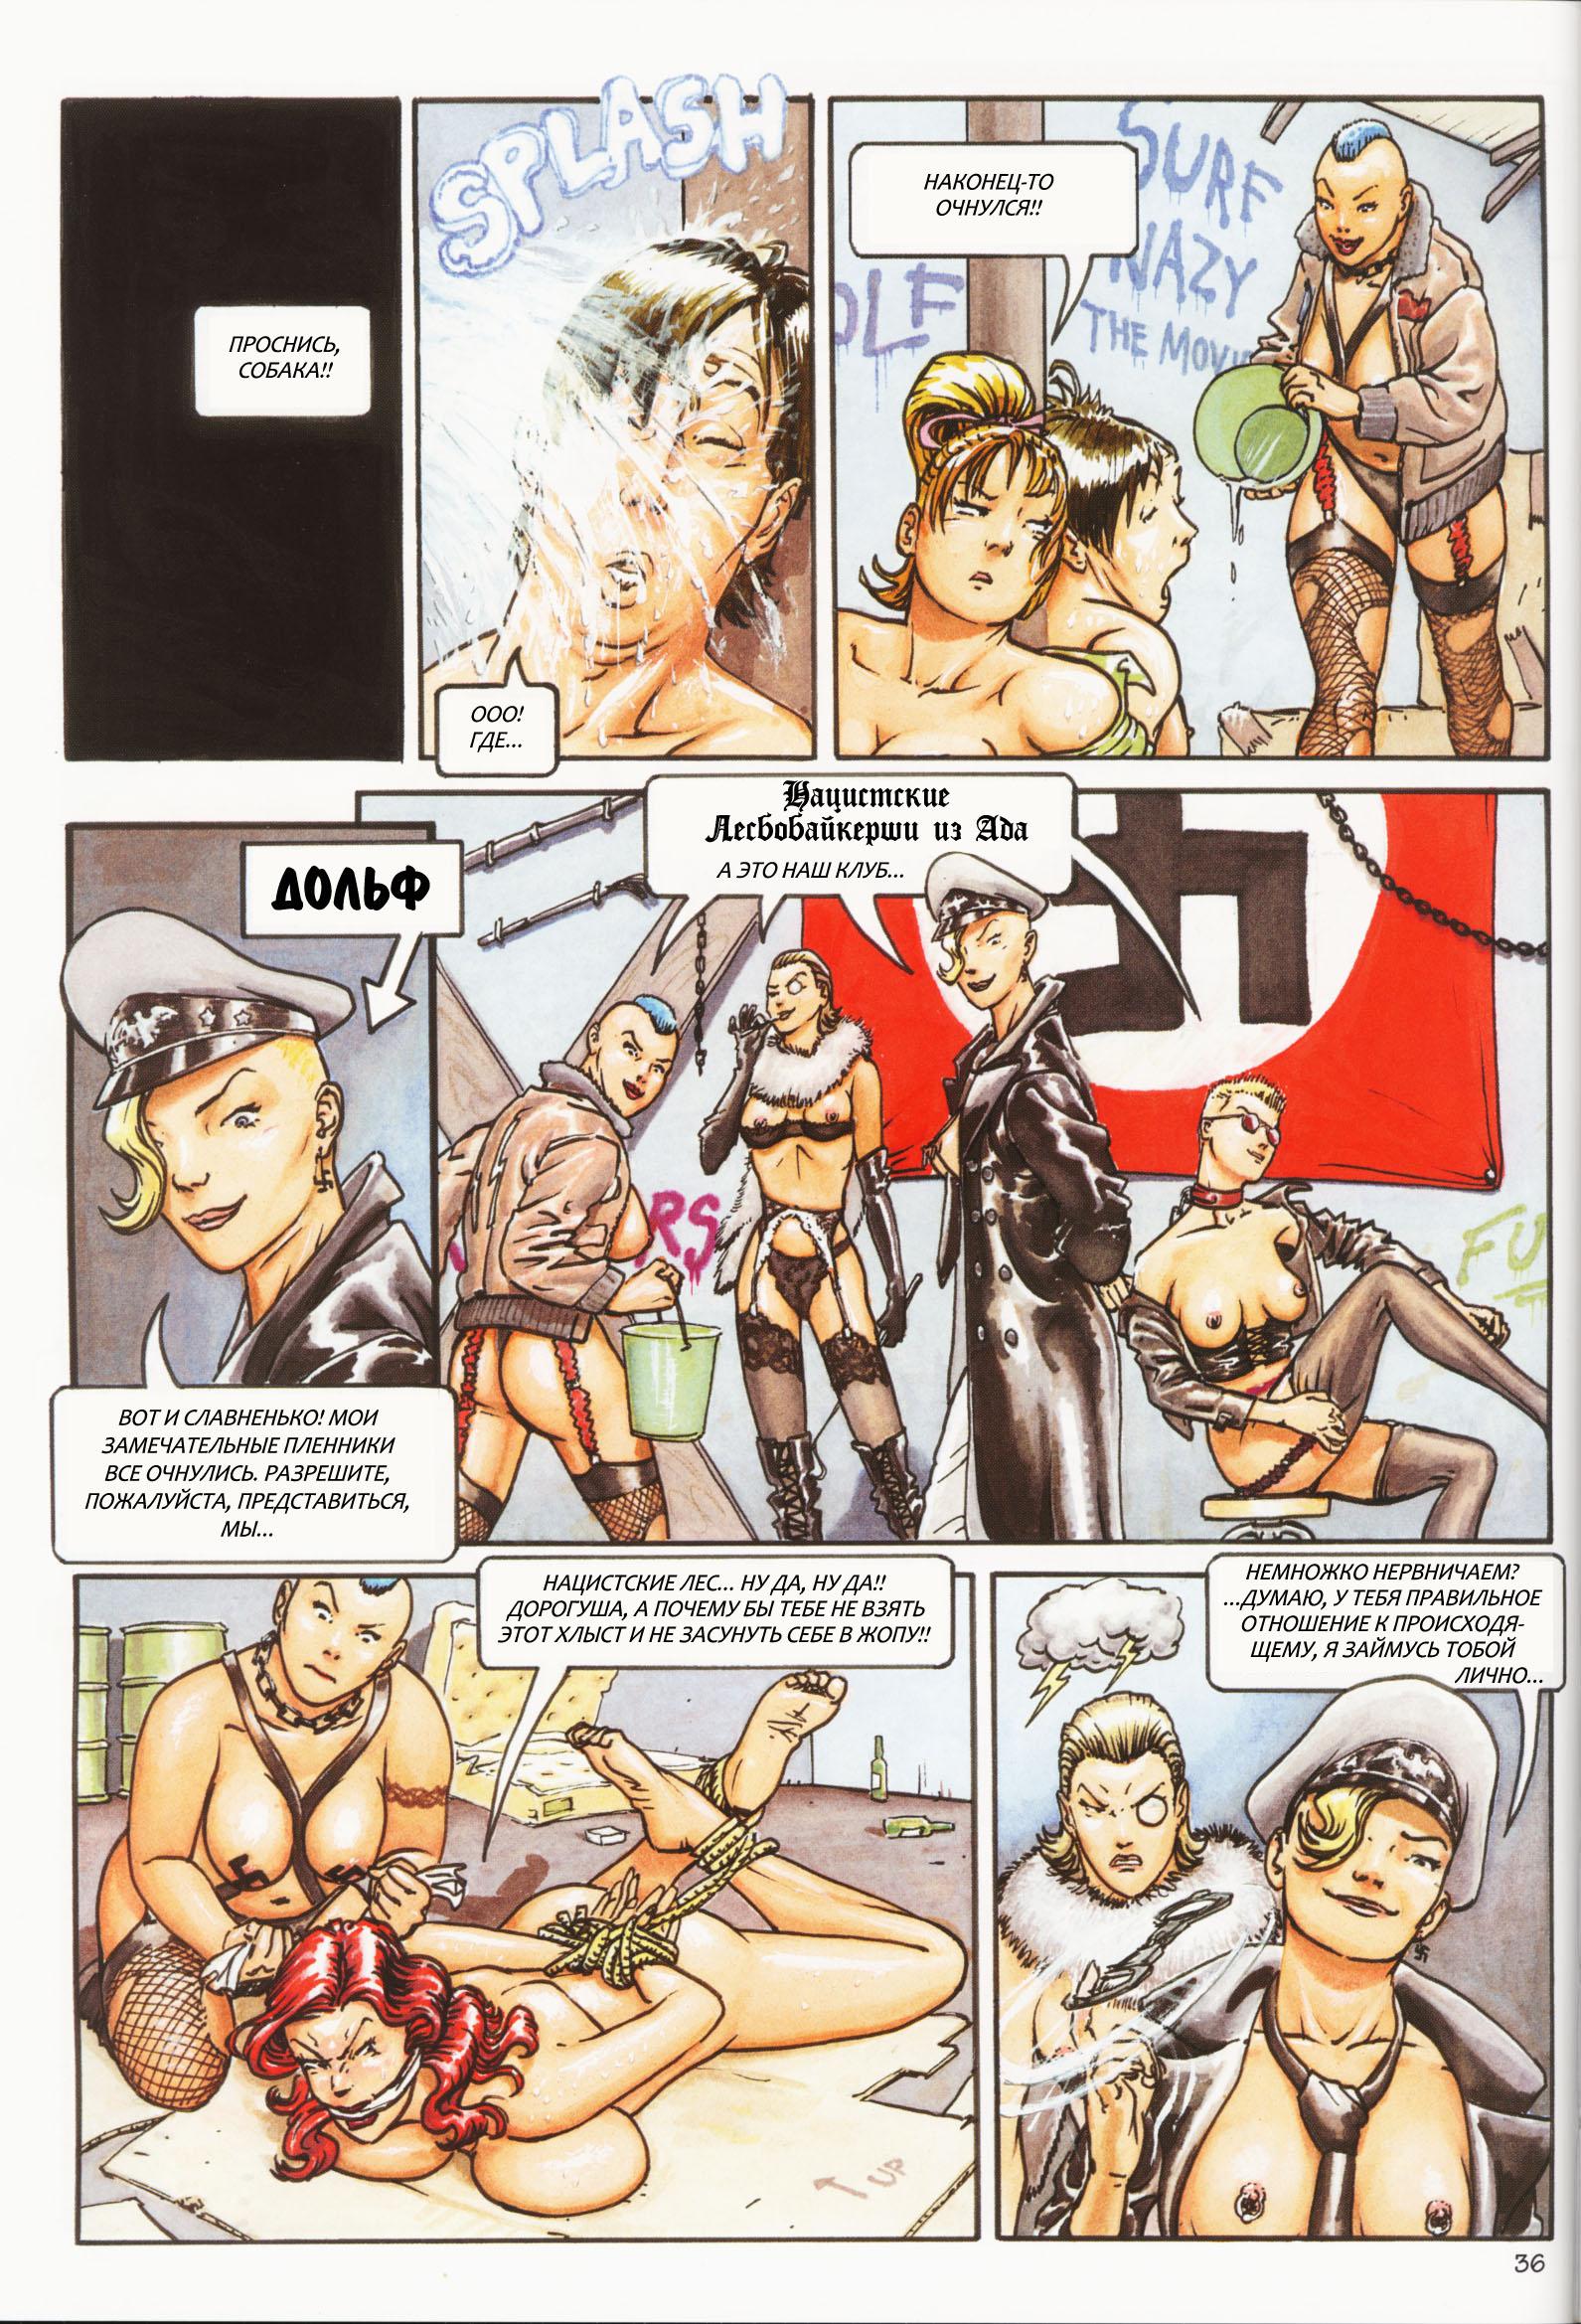 Сексуальные рисованные комиксы 6 фотография